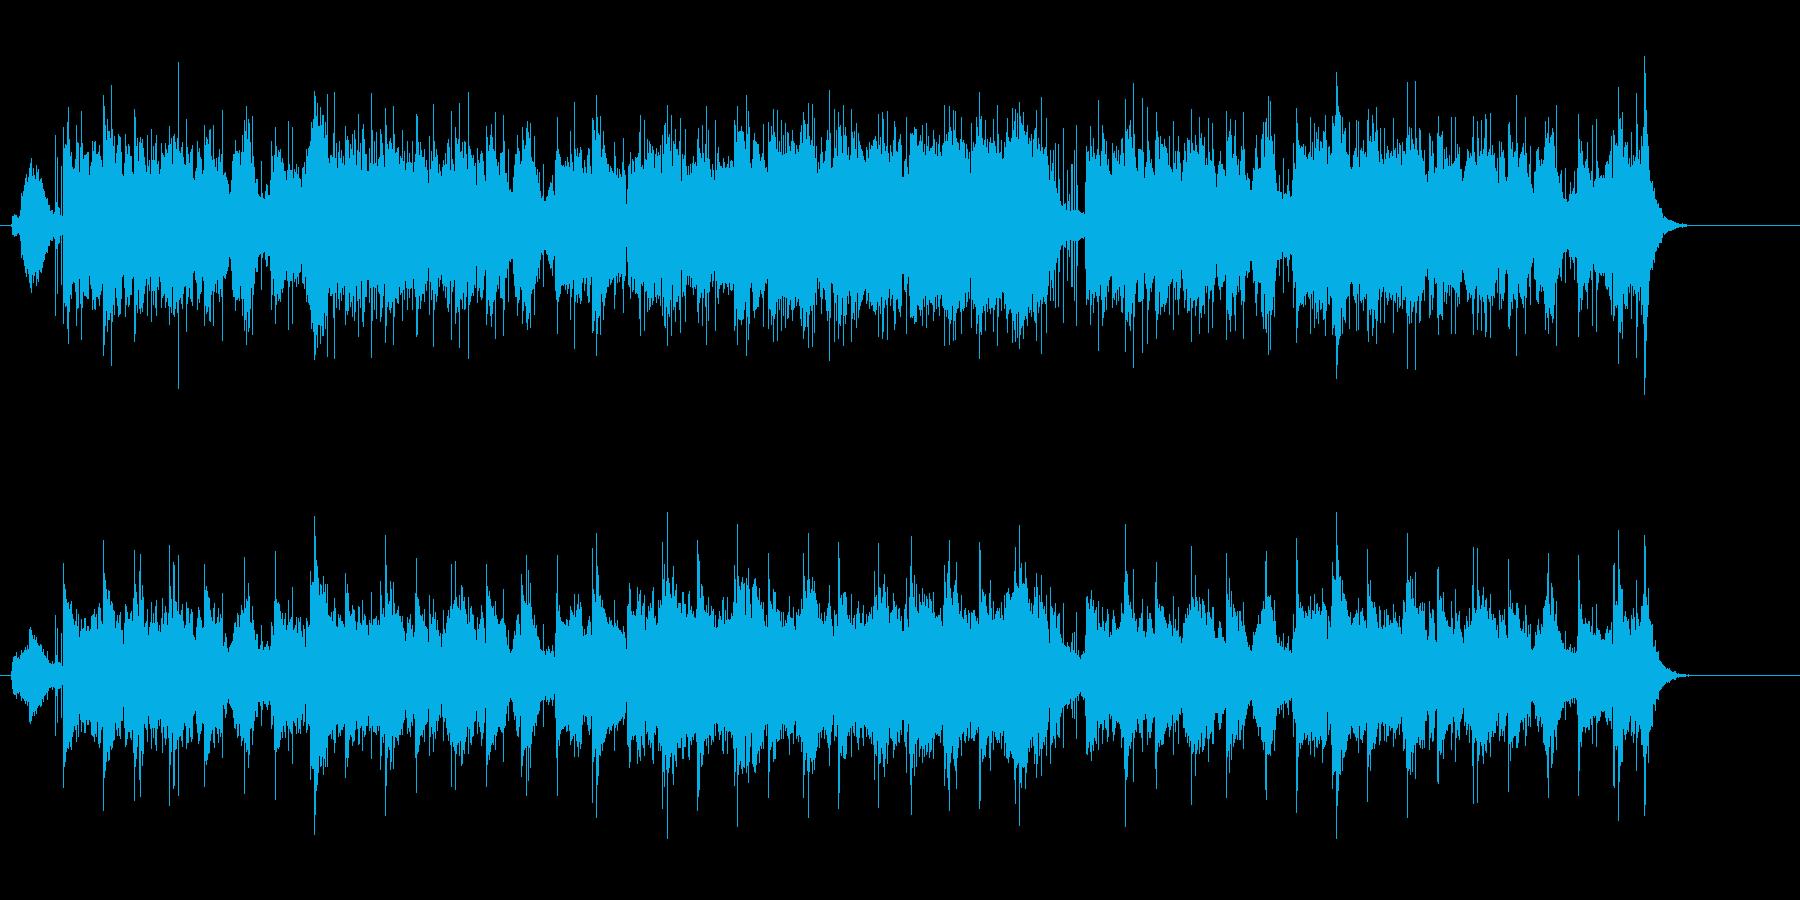 インドのワールド系ミュージックの再生済みの波形